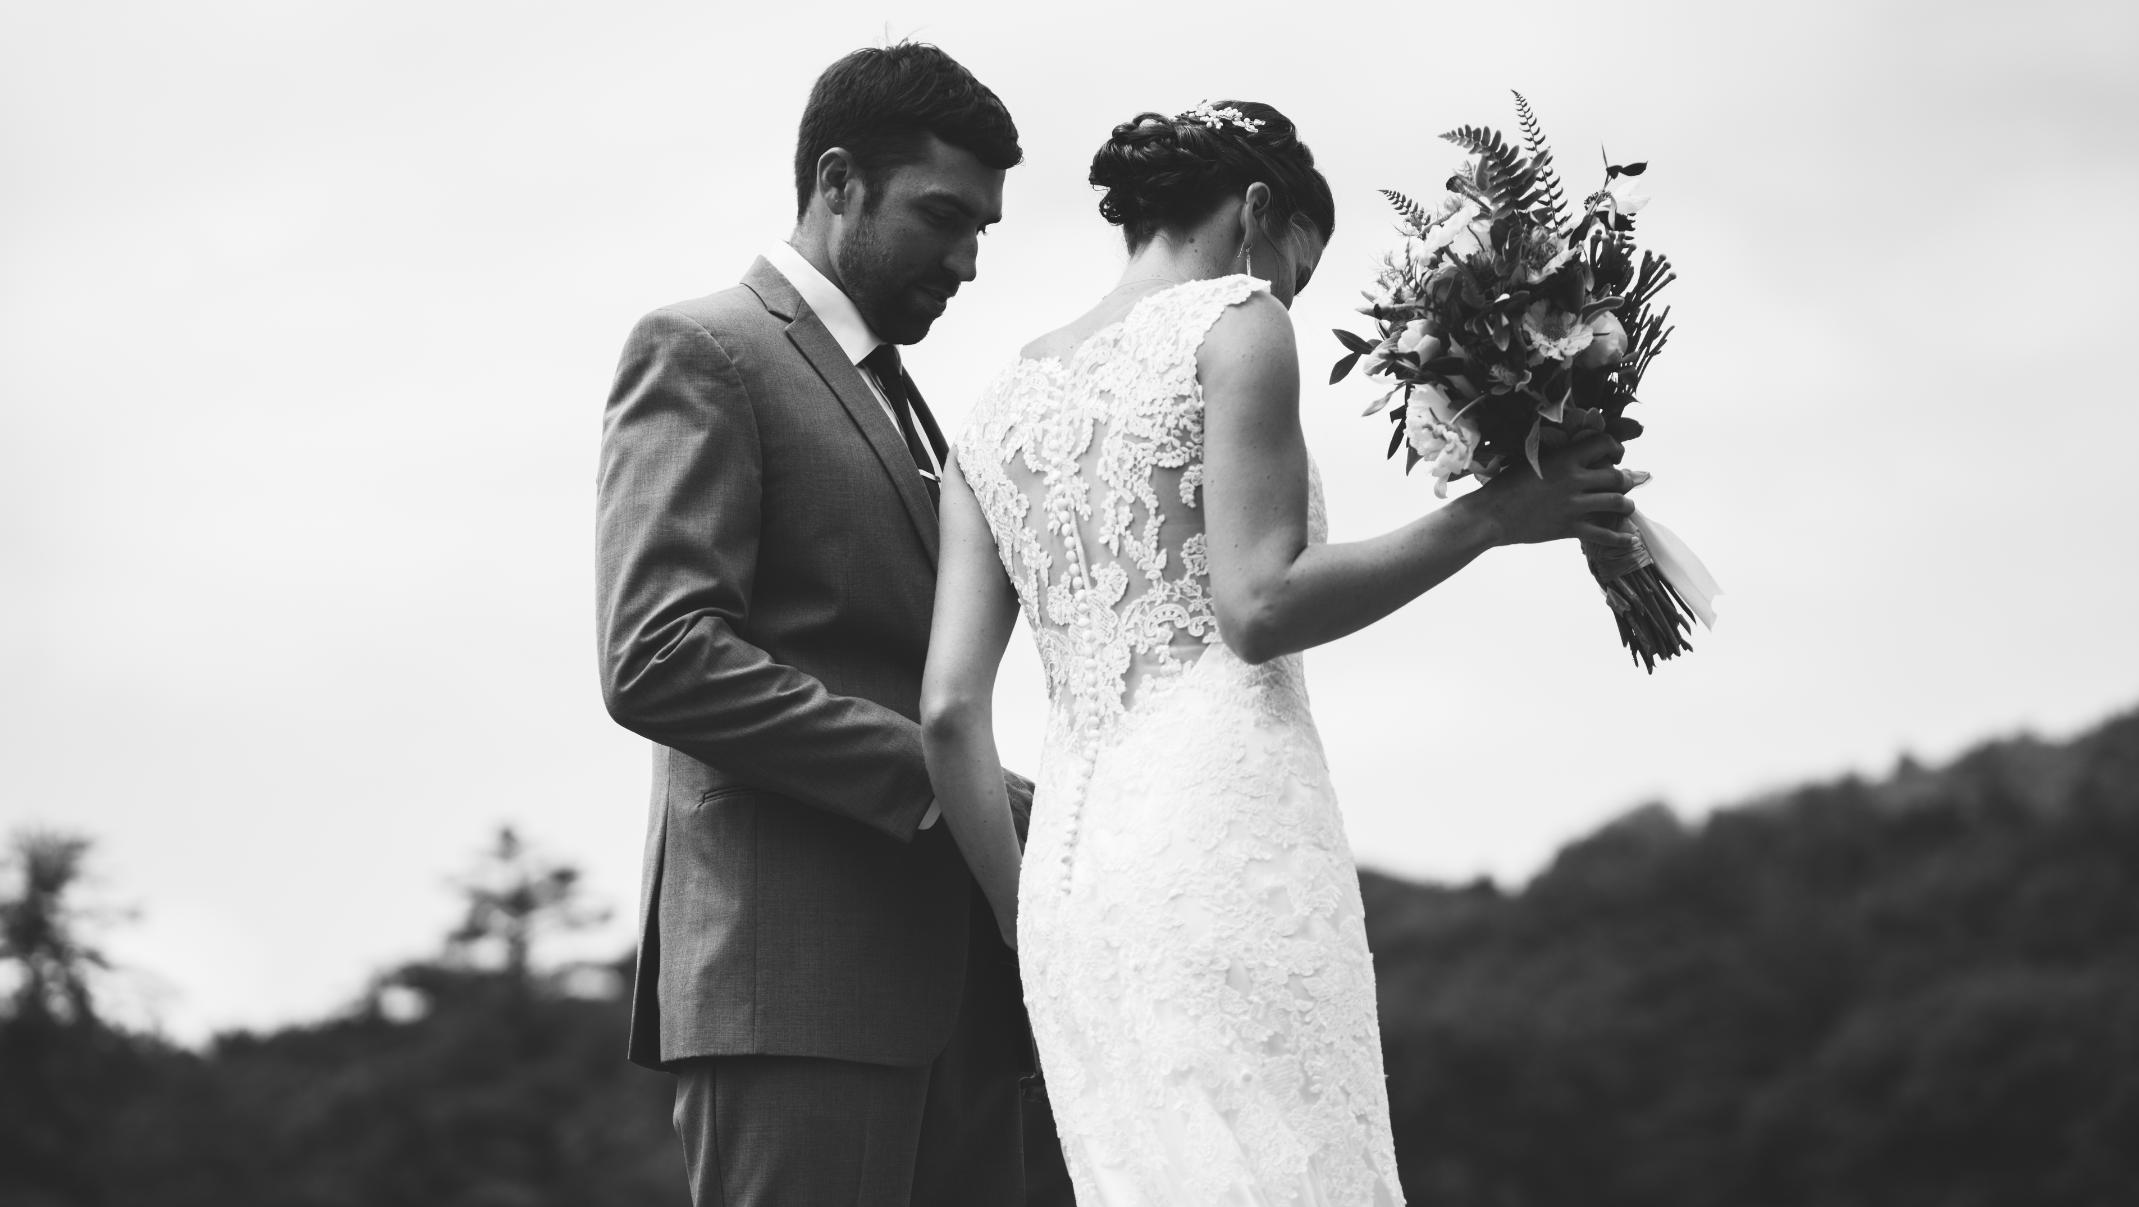 - WEDDINGS//EVENTS//EVERYDAY INDULGENCES